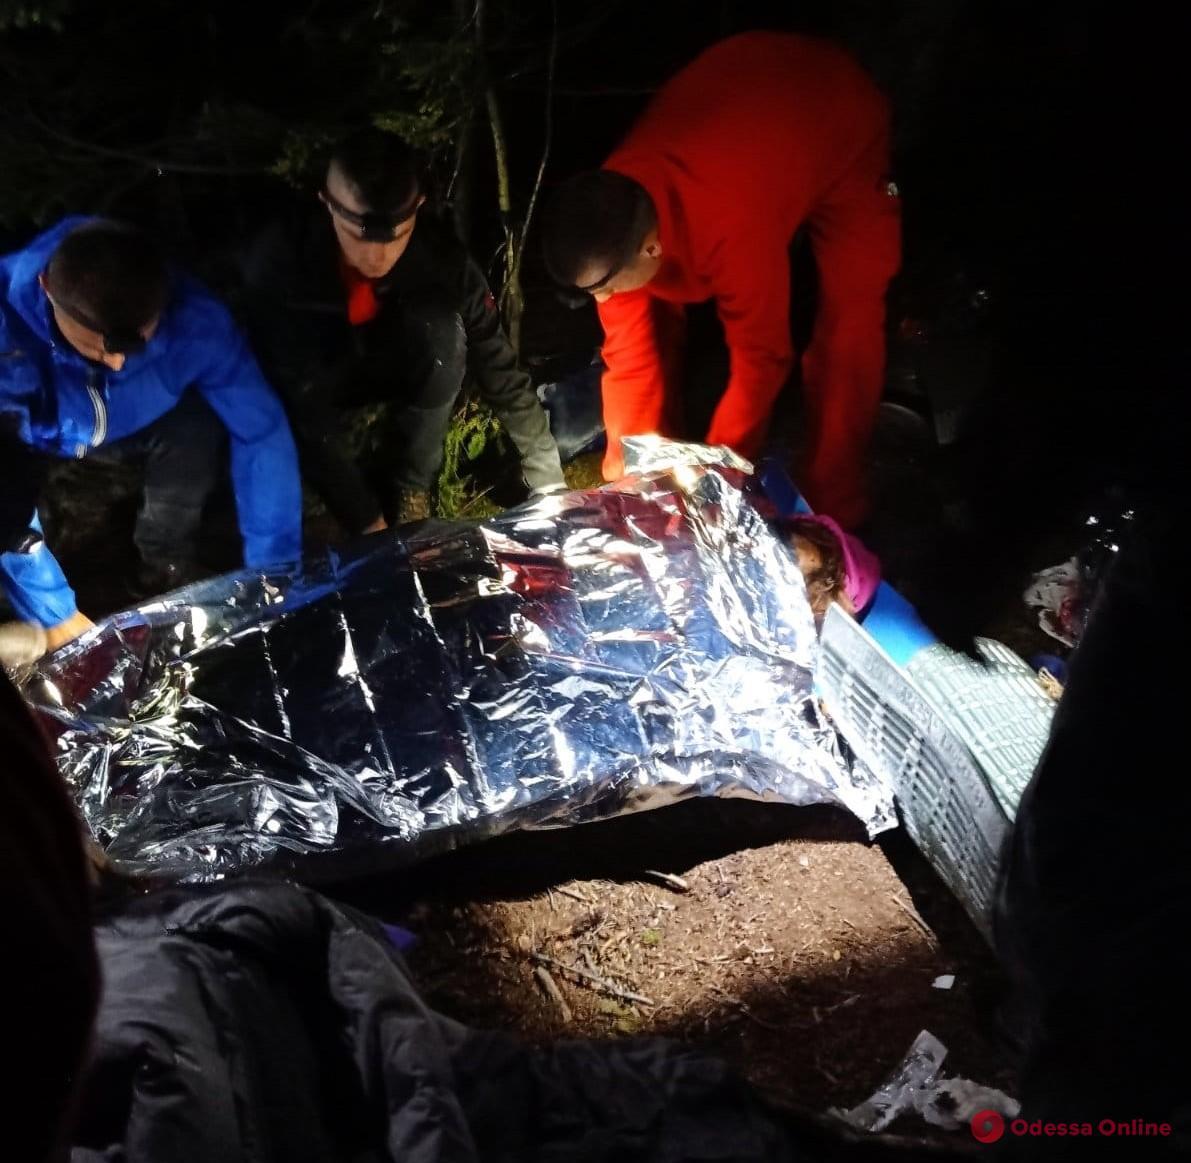 В Карпатах во время разжигания костра произошел взрыв – два человека погибли, четверо раненых (обновлено)